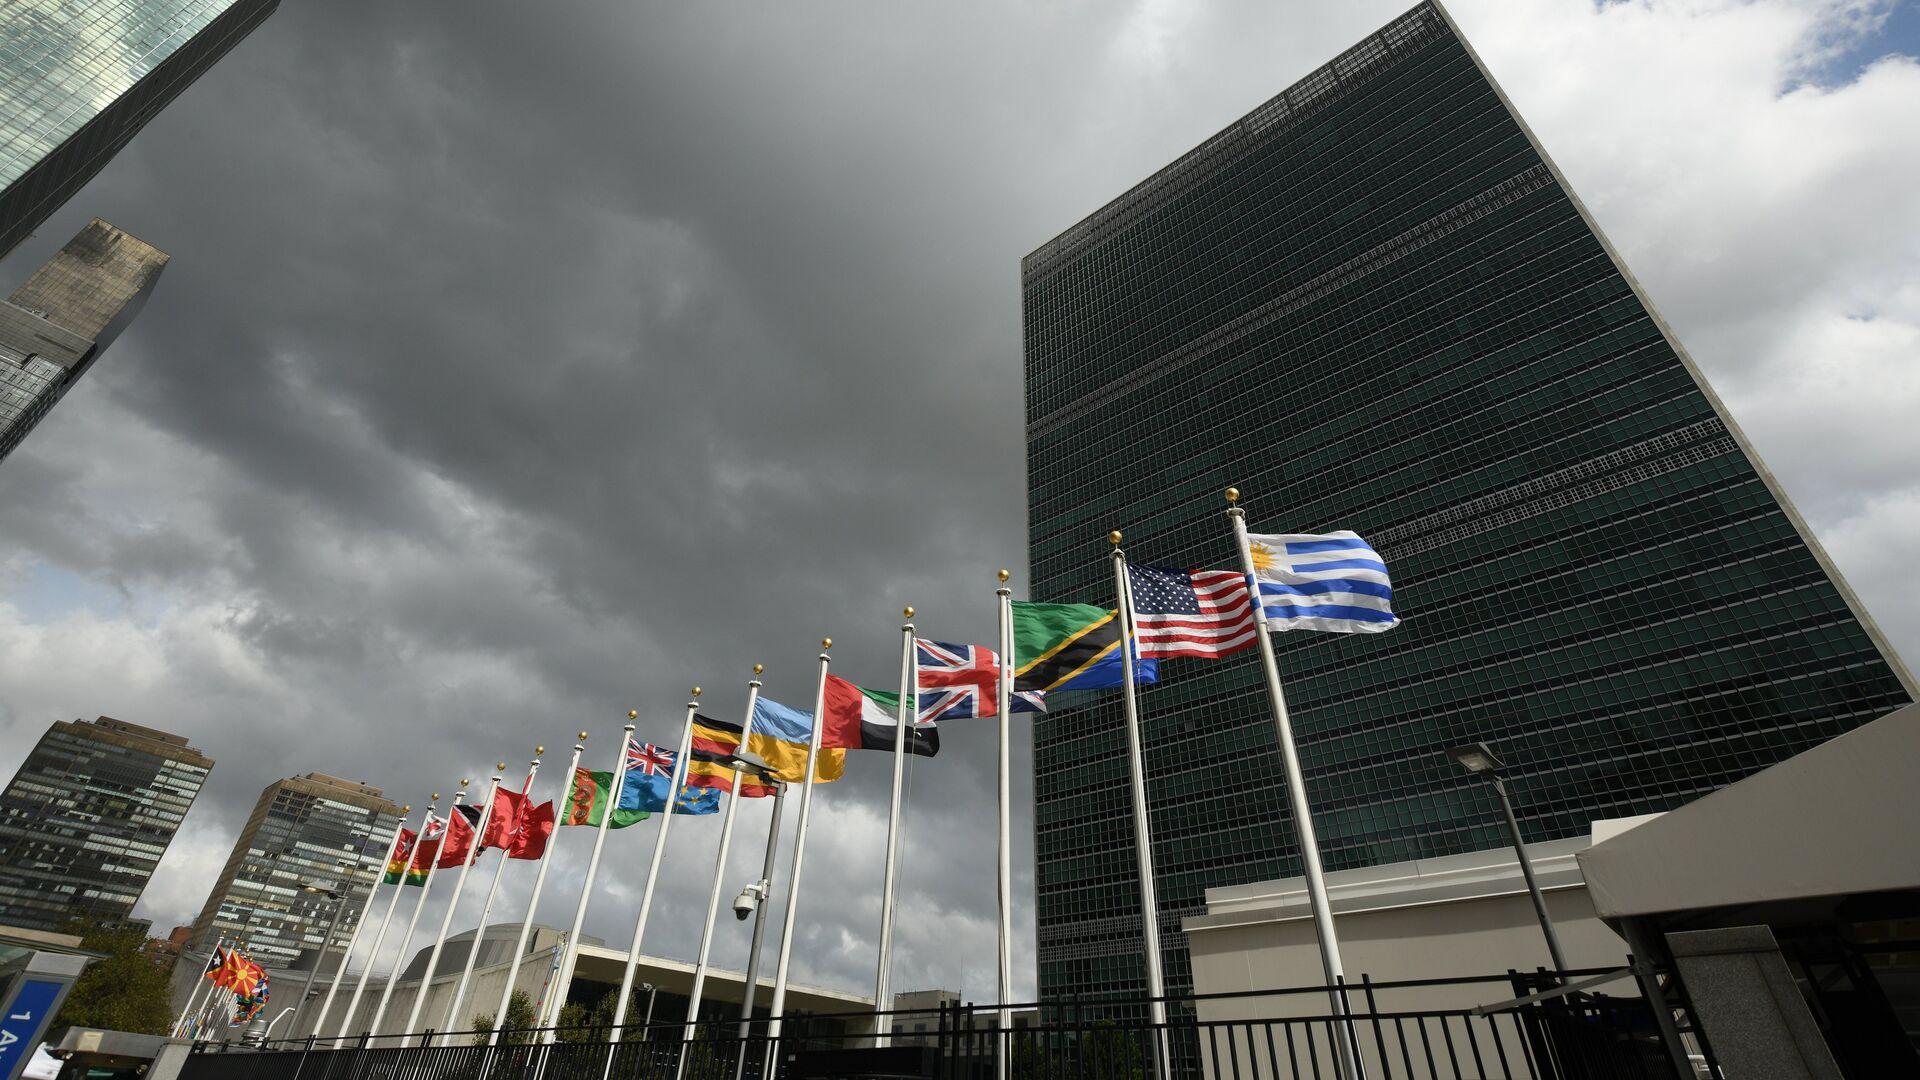 Штаб-квартира Организации Объединенных Наций в Нью-Йорке. 25 сентября 2018 - РИА Новости, 1920, 17.09.2020